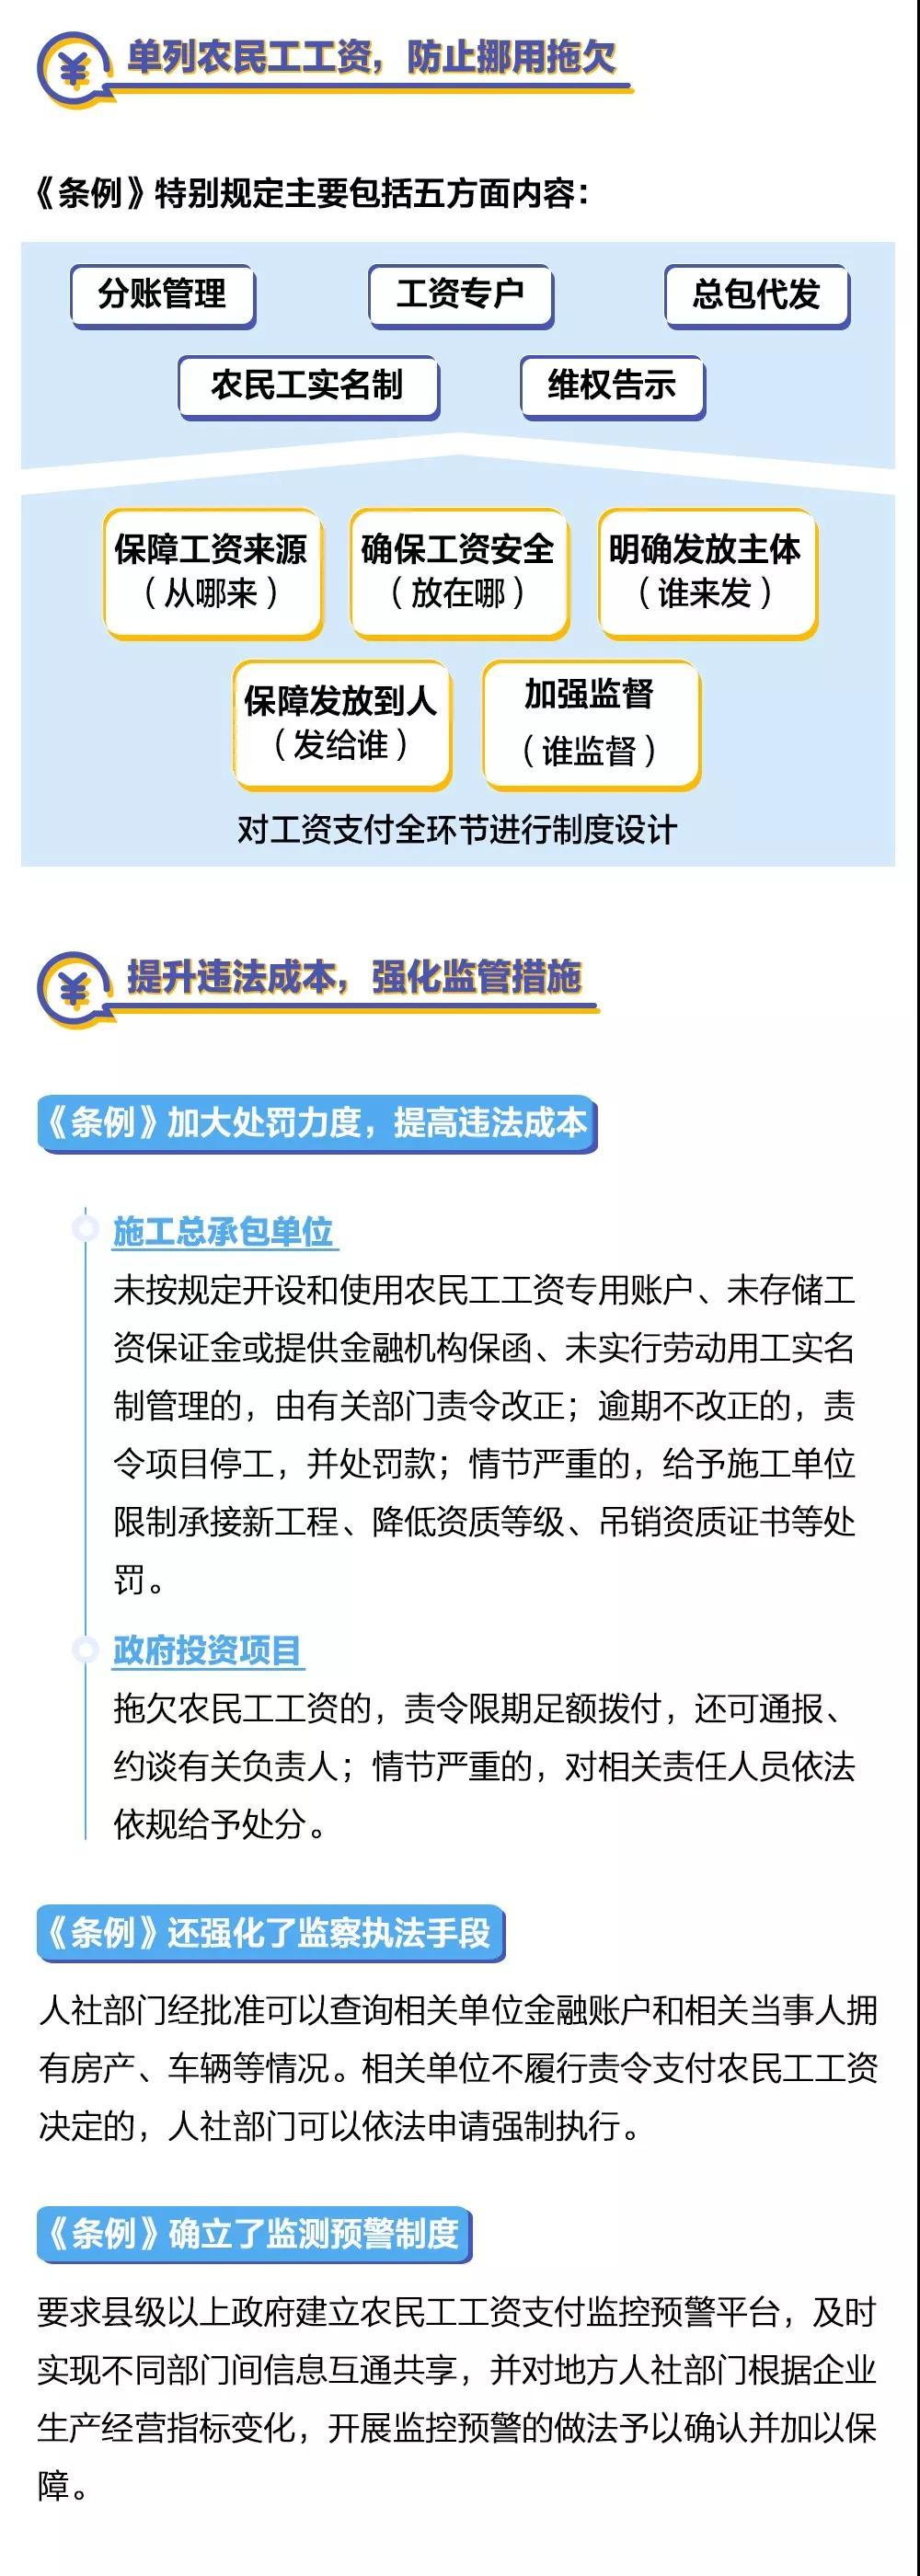 寰俊鍥剧墖_20200507082124.jpg